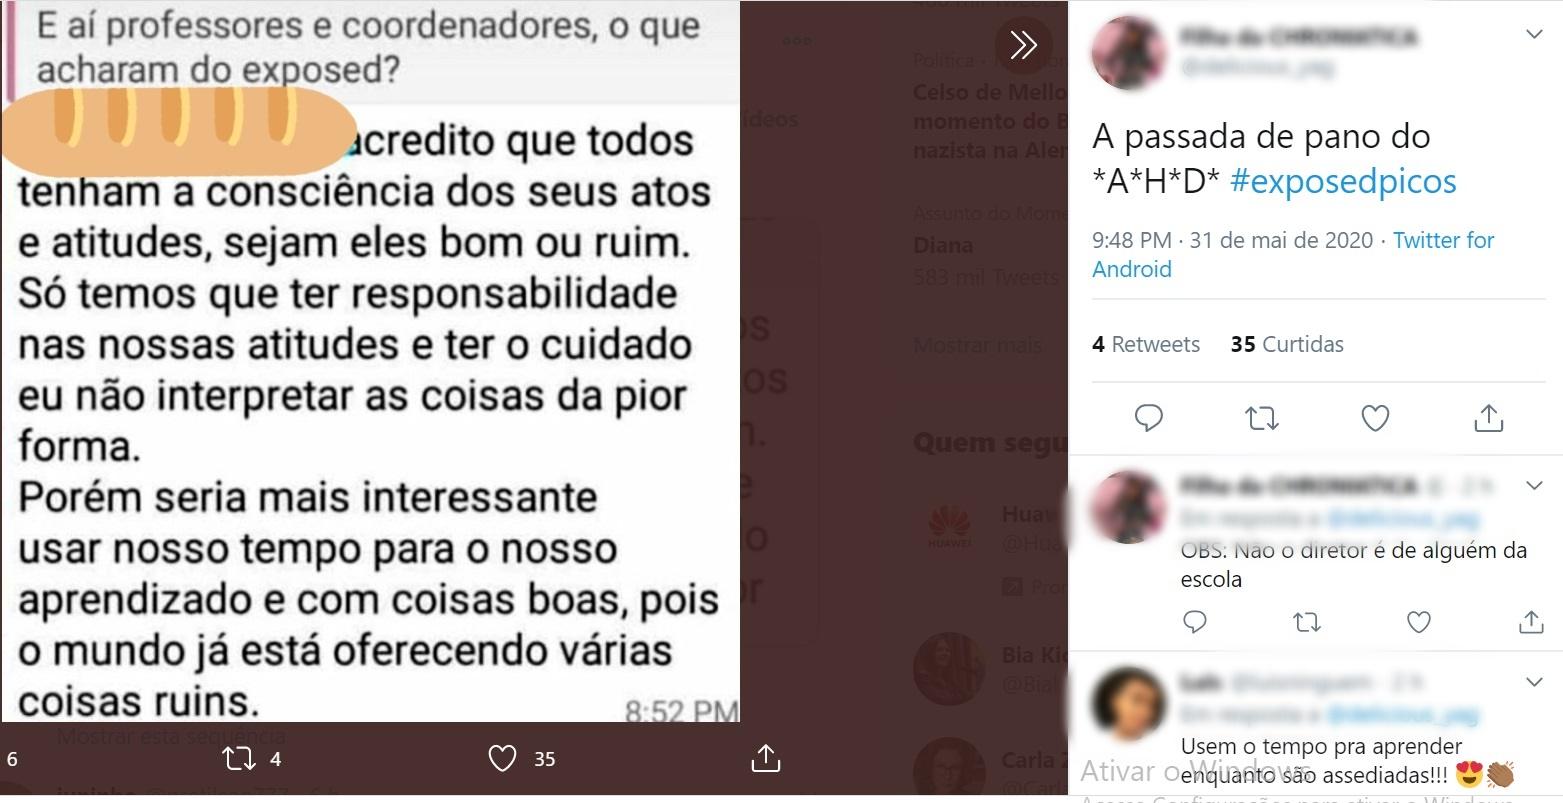 Estudantes expõem, no Twitter, assédio sexual de professores em Picos 11